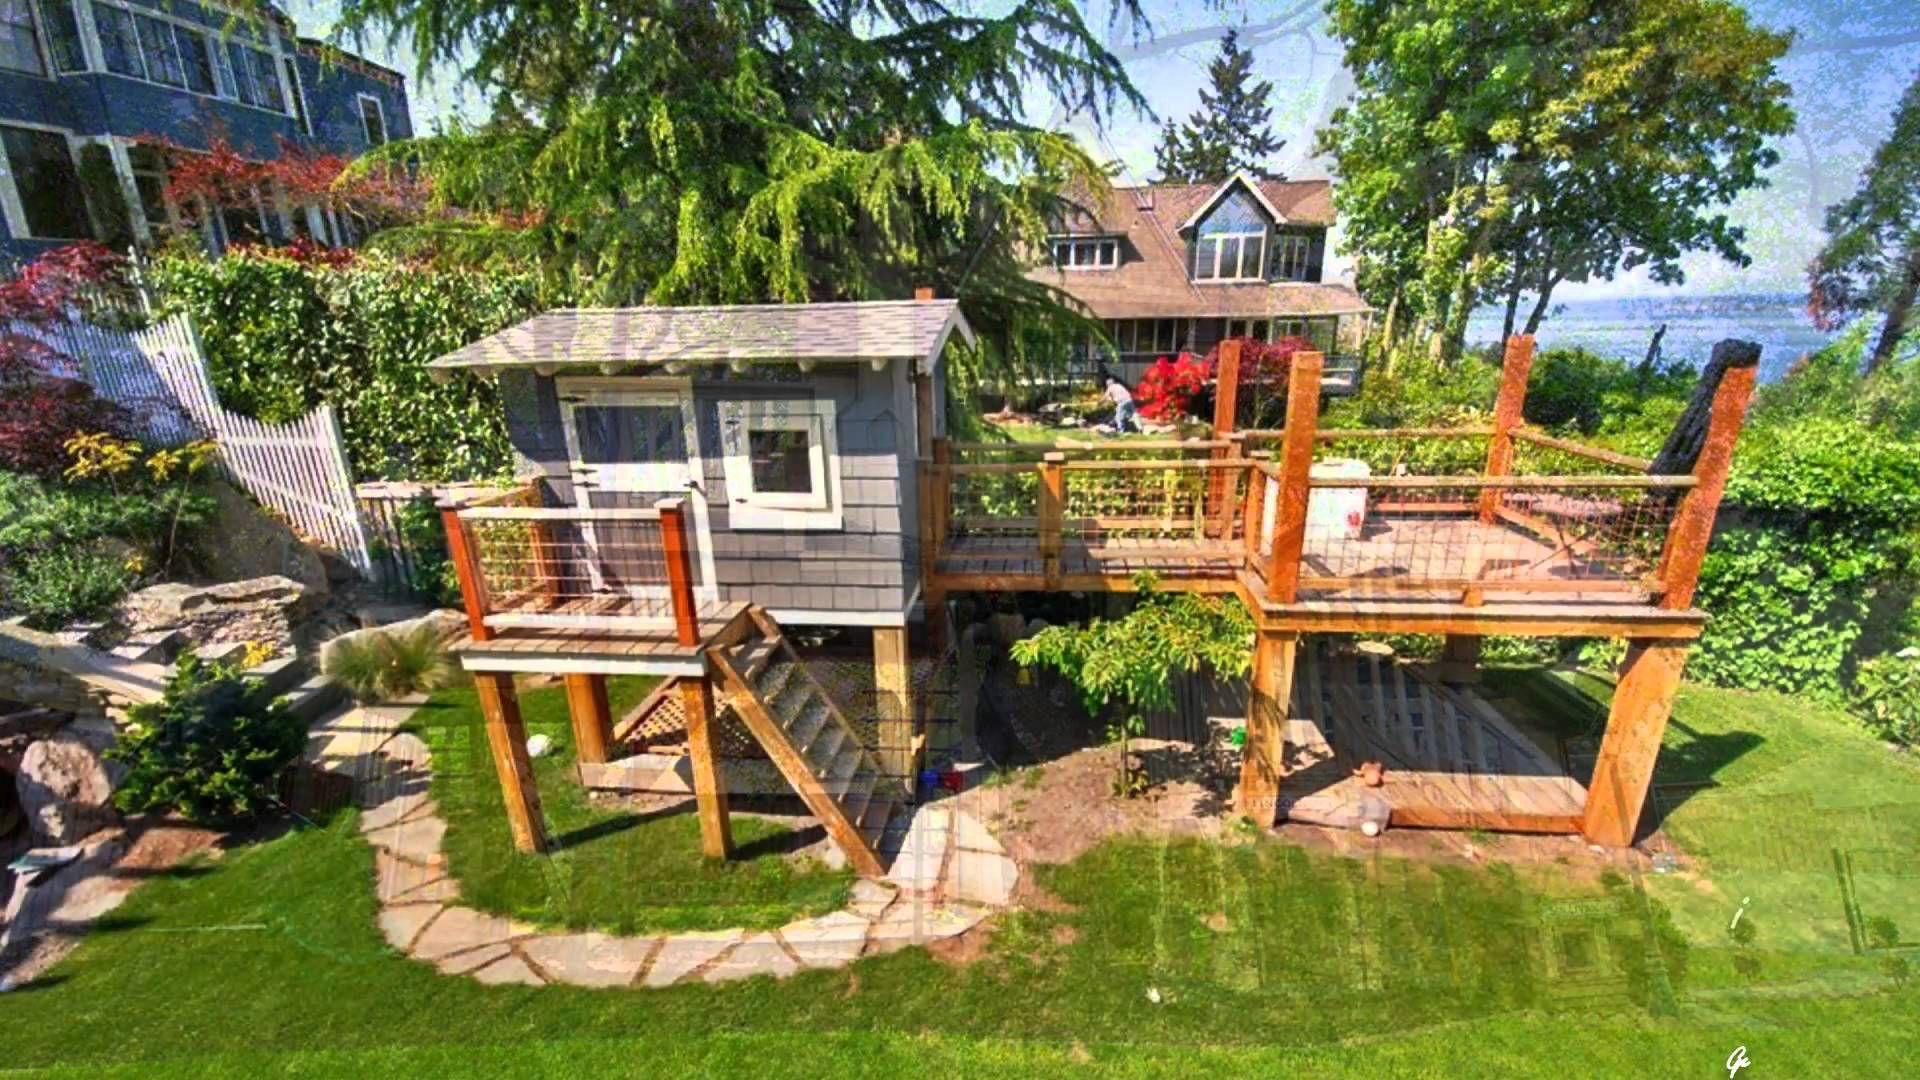 kid friendly backyard ideas on a budget yard design idea